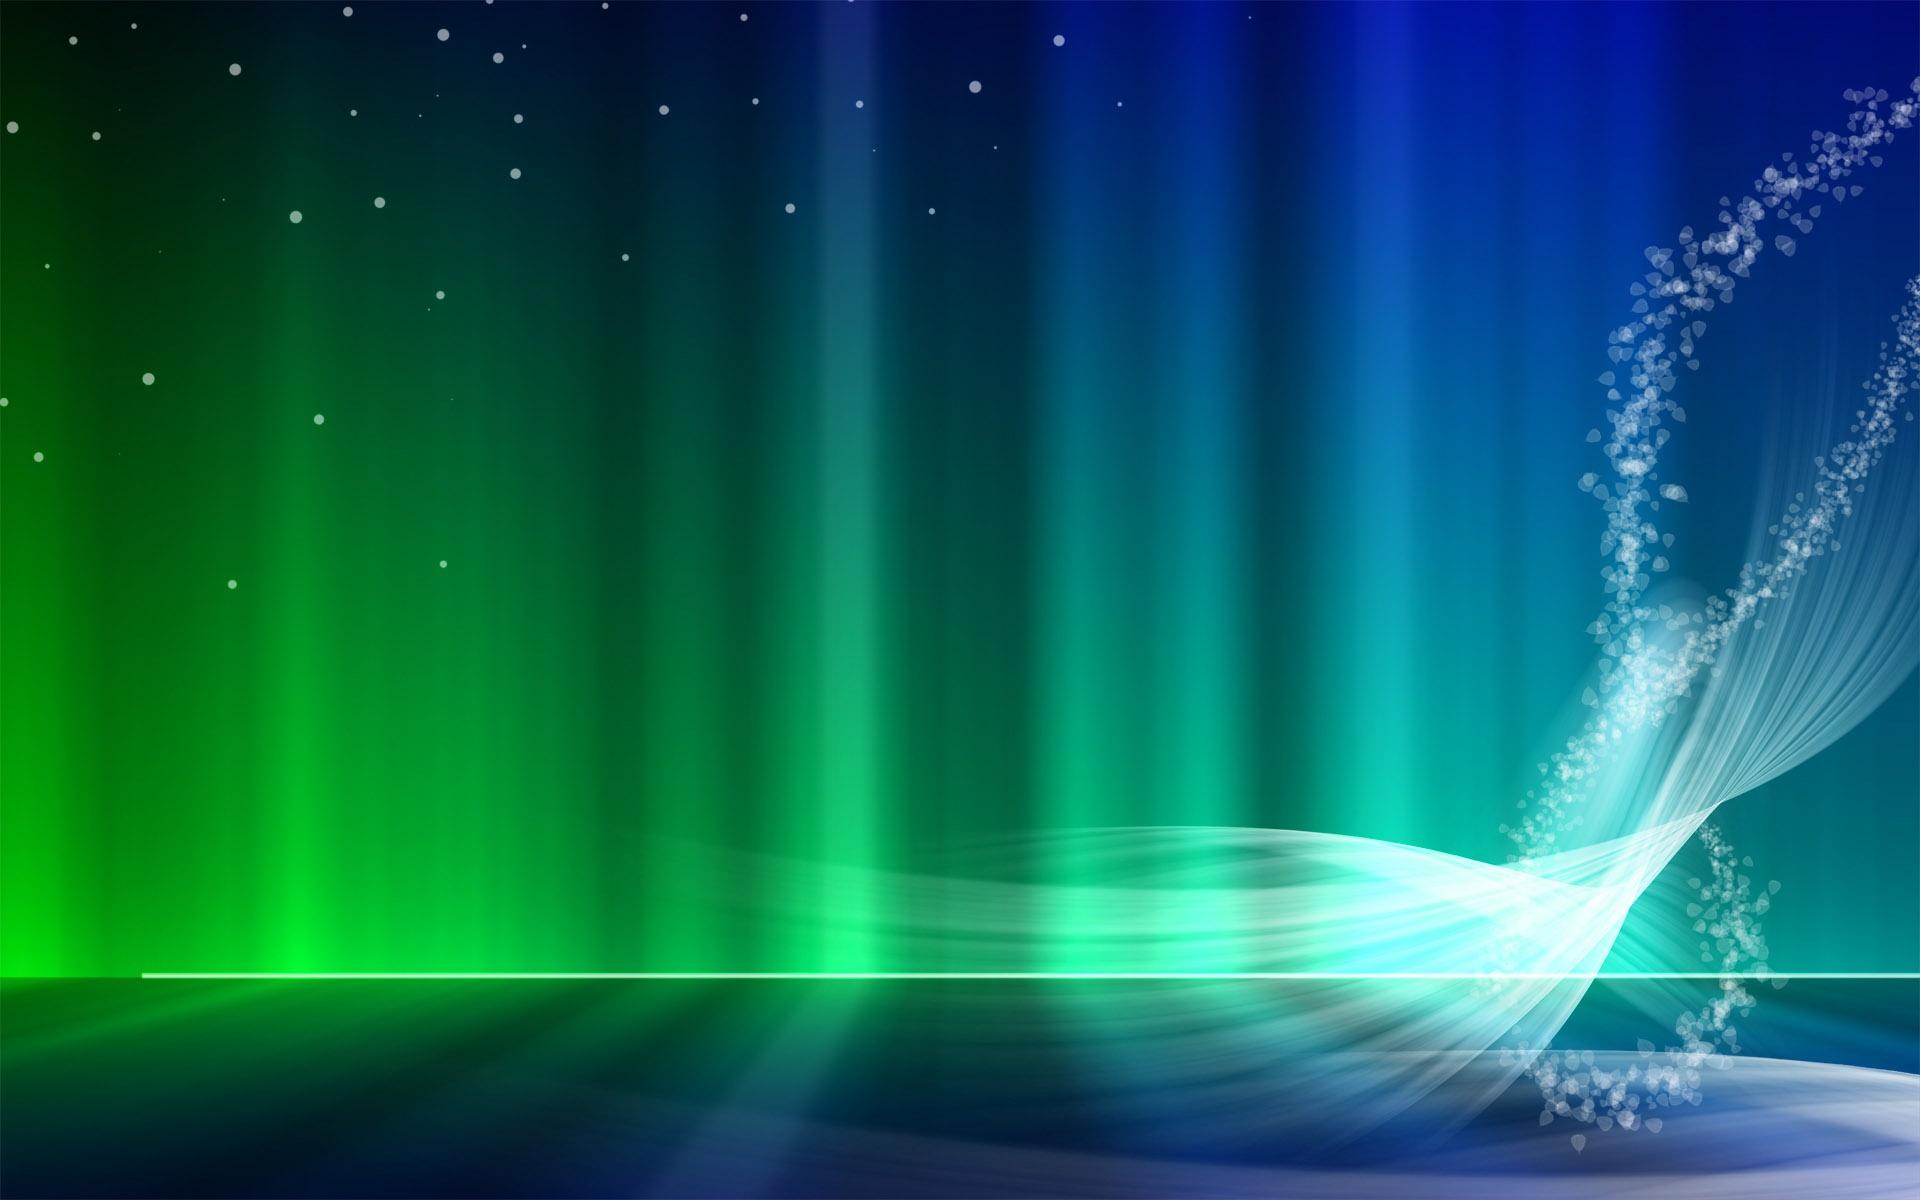 Desktop Background Pics - WallpaperSafari